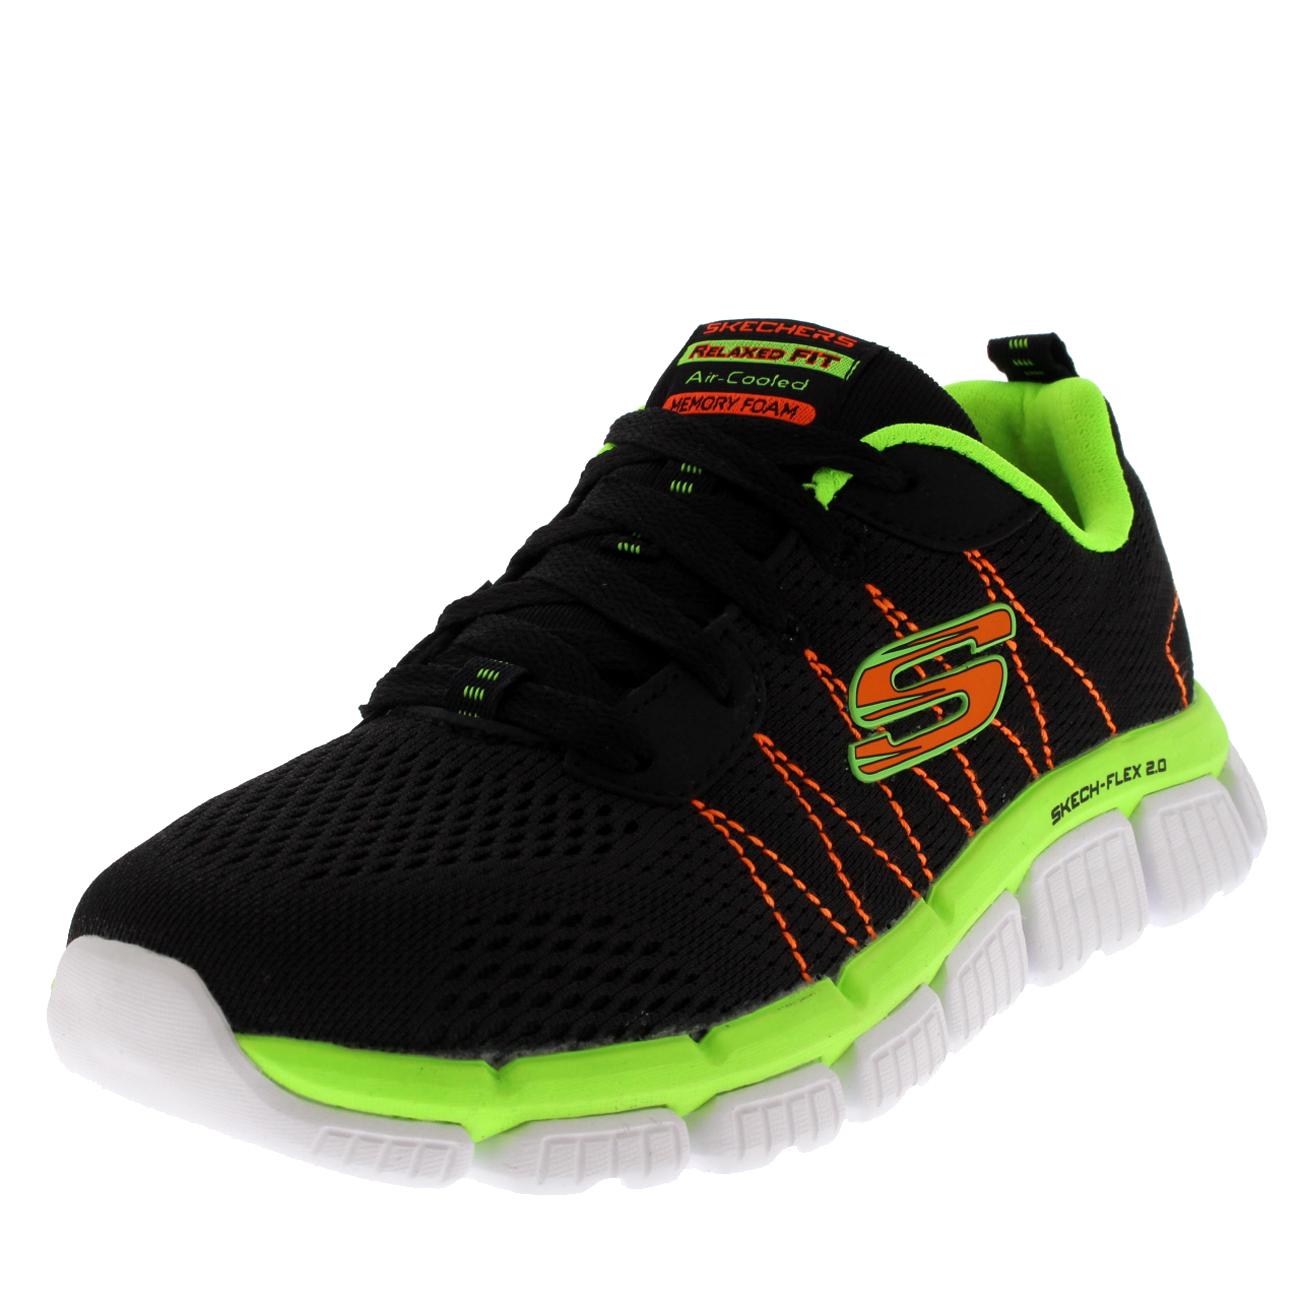 7900b779e107 Details about Kids Boys Skechers Skech Flex 2.0 Quick Pick Memory Foam  Sport Sneaker US 10.5-7